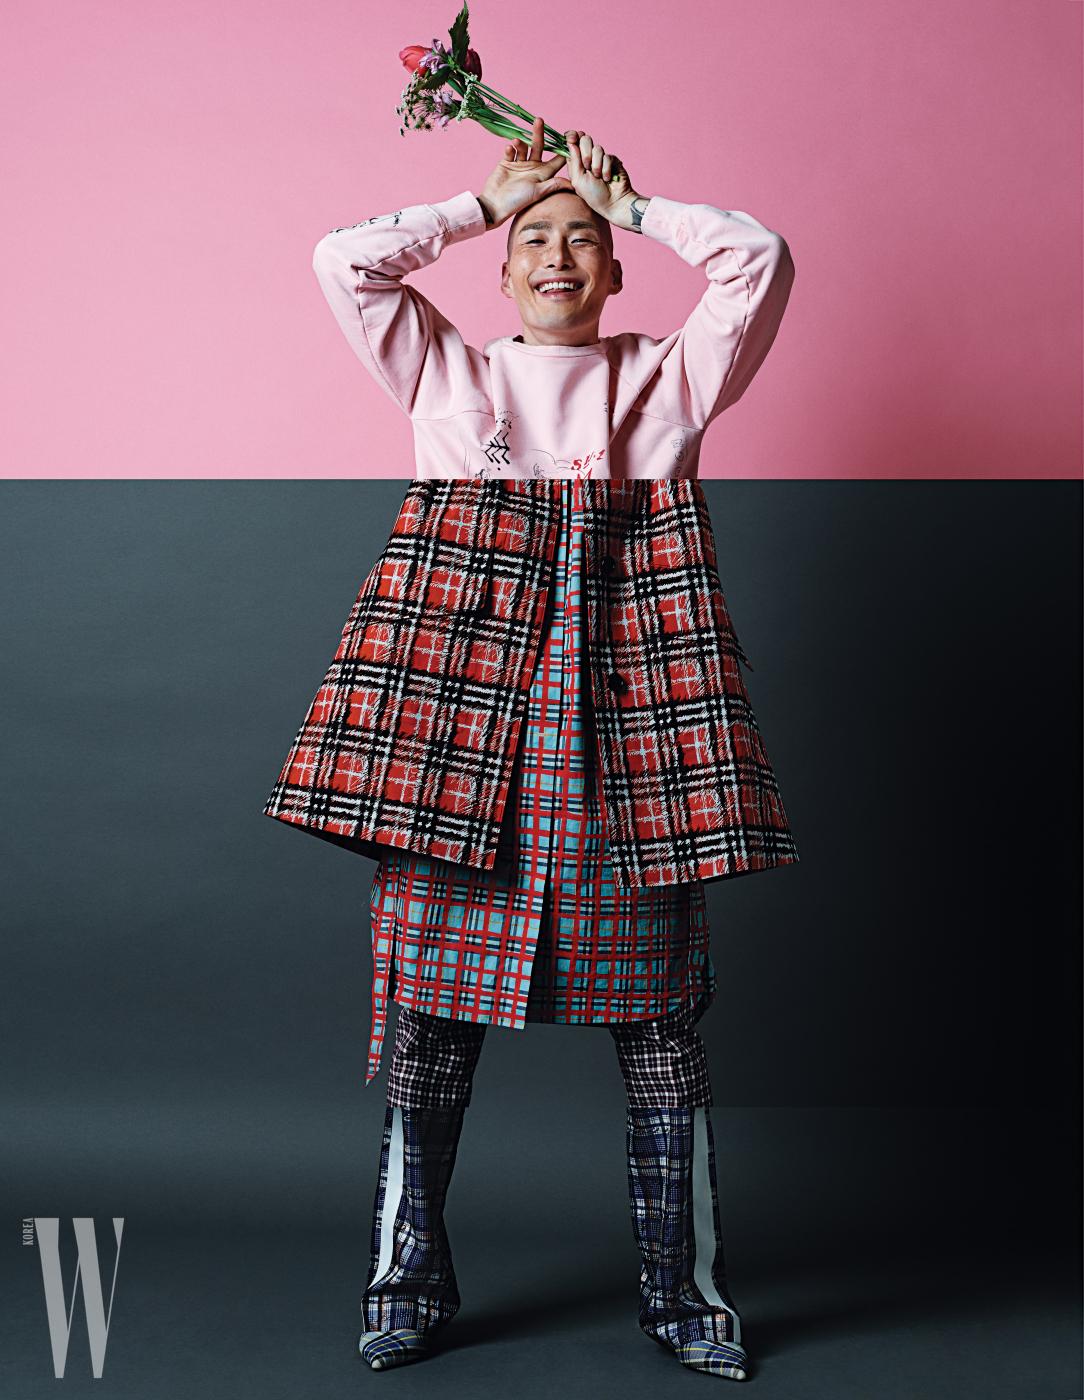 남성 컬렉션의 분홍색 스웨트셔츠, 여성 컬렉션의 체크 셔츠 드레스와 트렌치, 팬츠, 여성 컬렉션의 흰색 라이닝을 더한 팬츠와 체크 프린트 펌프스는 모두 버버리 제품.